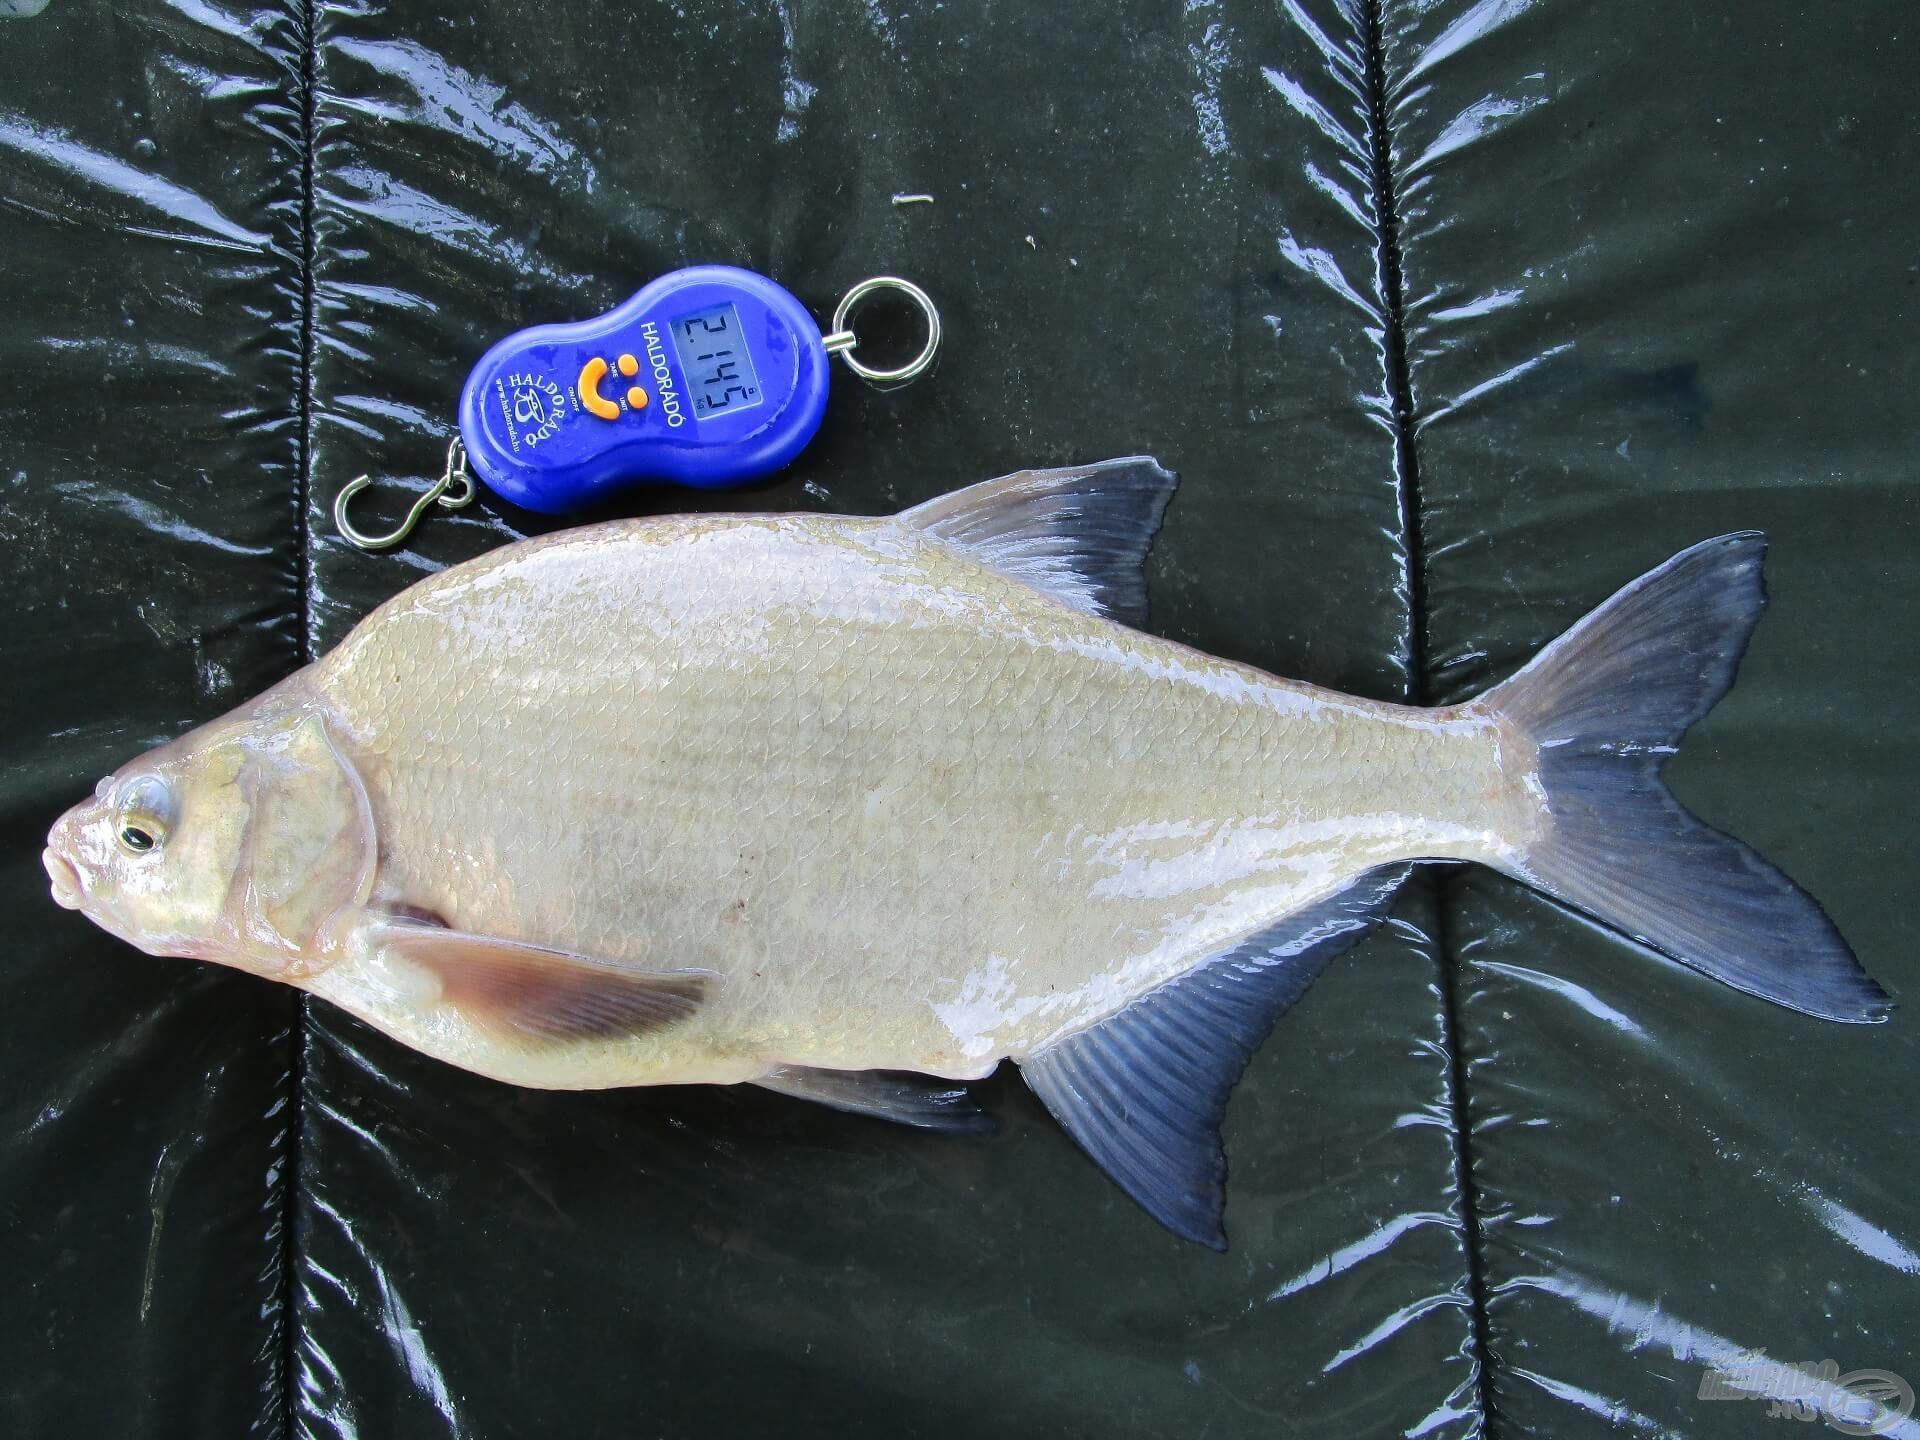 A vizes szákkal együtt több, mint 2 kg-ot nyomott, tehát ez a példány sem lehetett kevesebb, mint 1,7 kg!